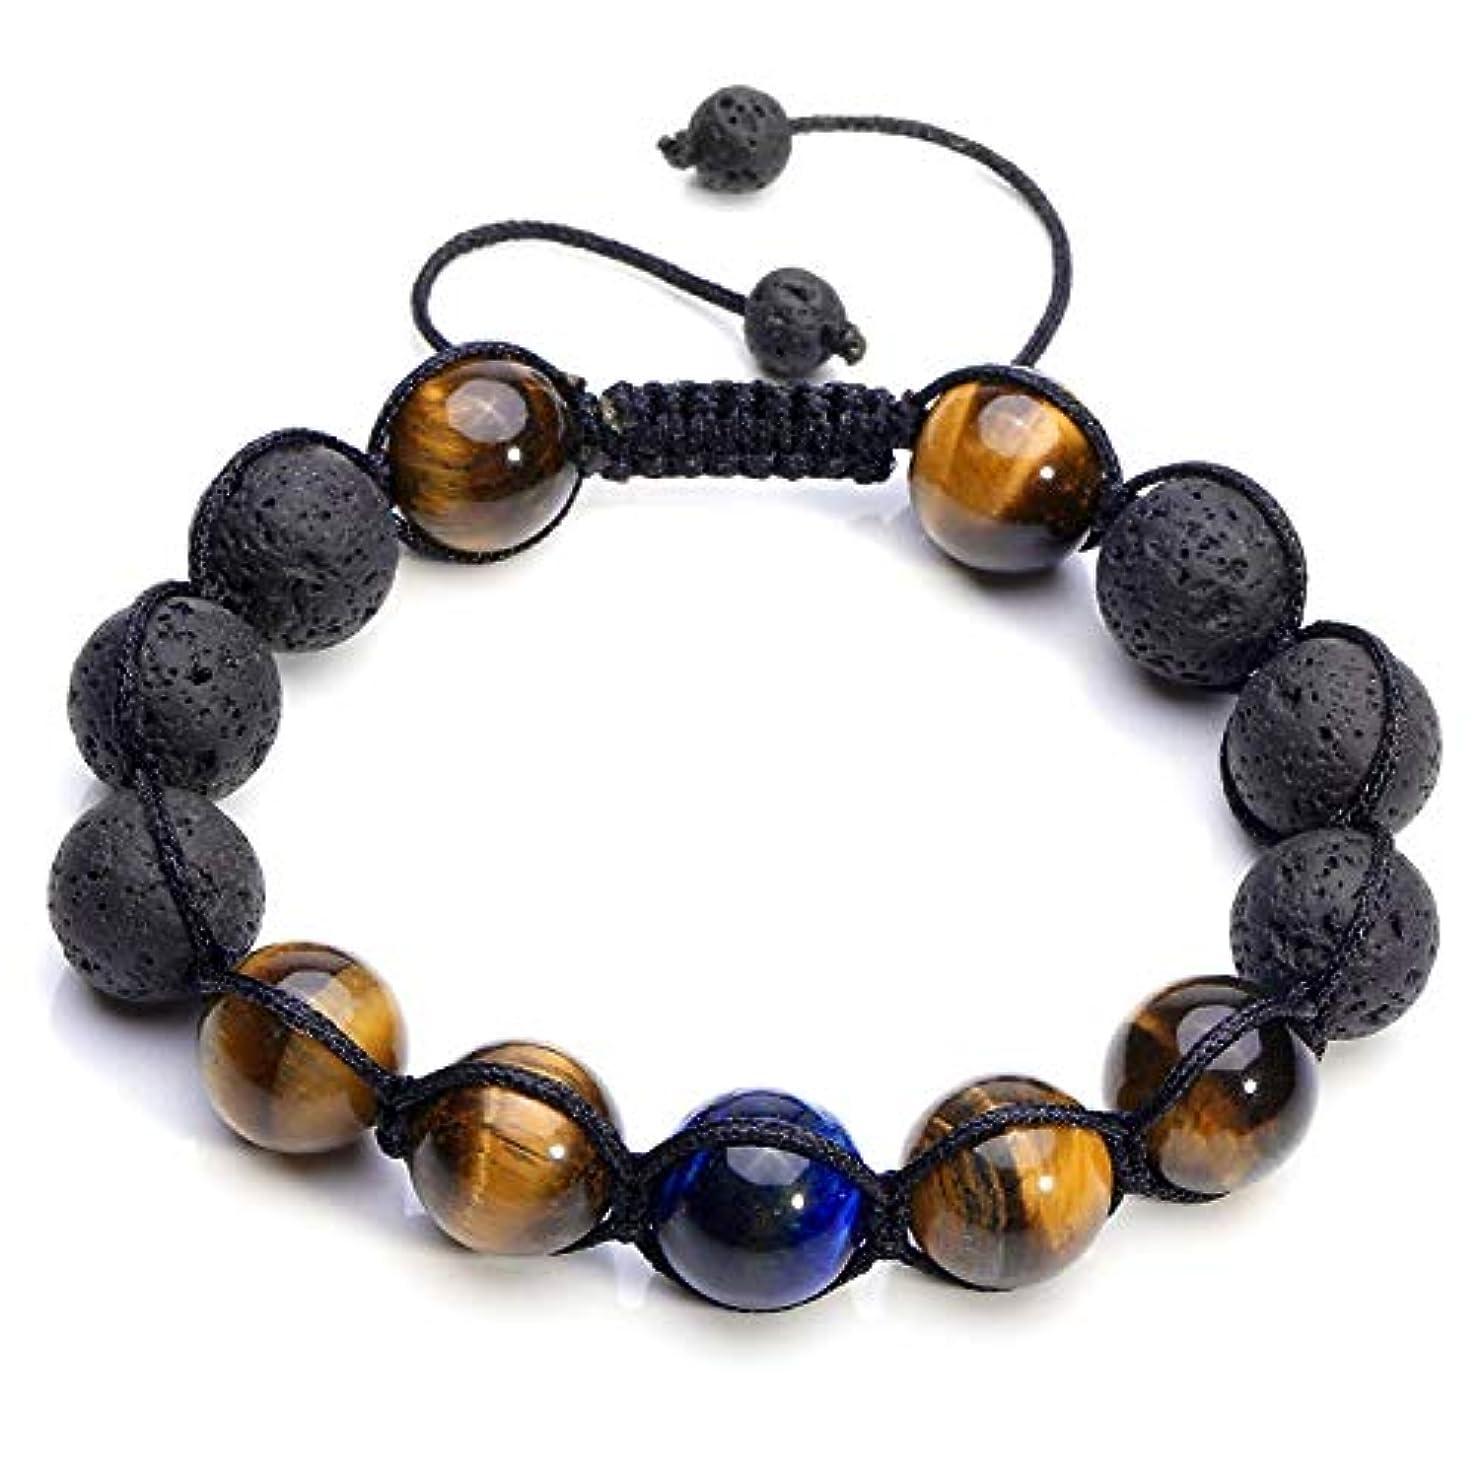 サスティーン原子バンカーcrystaltears Adjustable Tiger Eye & Calm Lava Stone Diffuserブレスレット – 瞑想、接地自己自信、アロマセラピー、ヒーリング、エッセンシャルオイル、